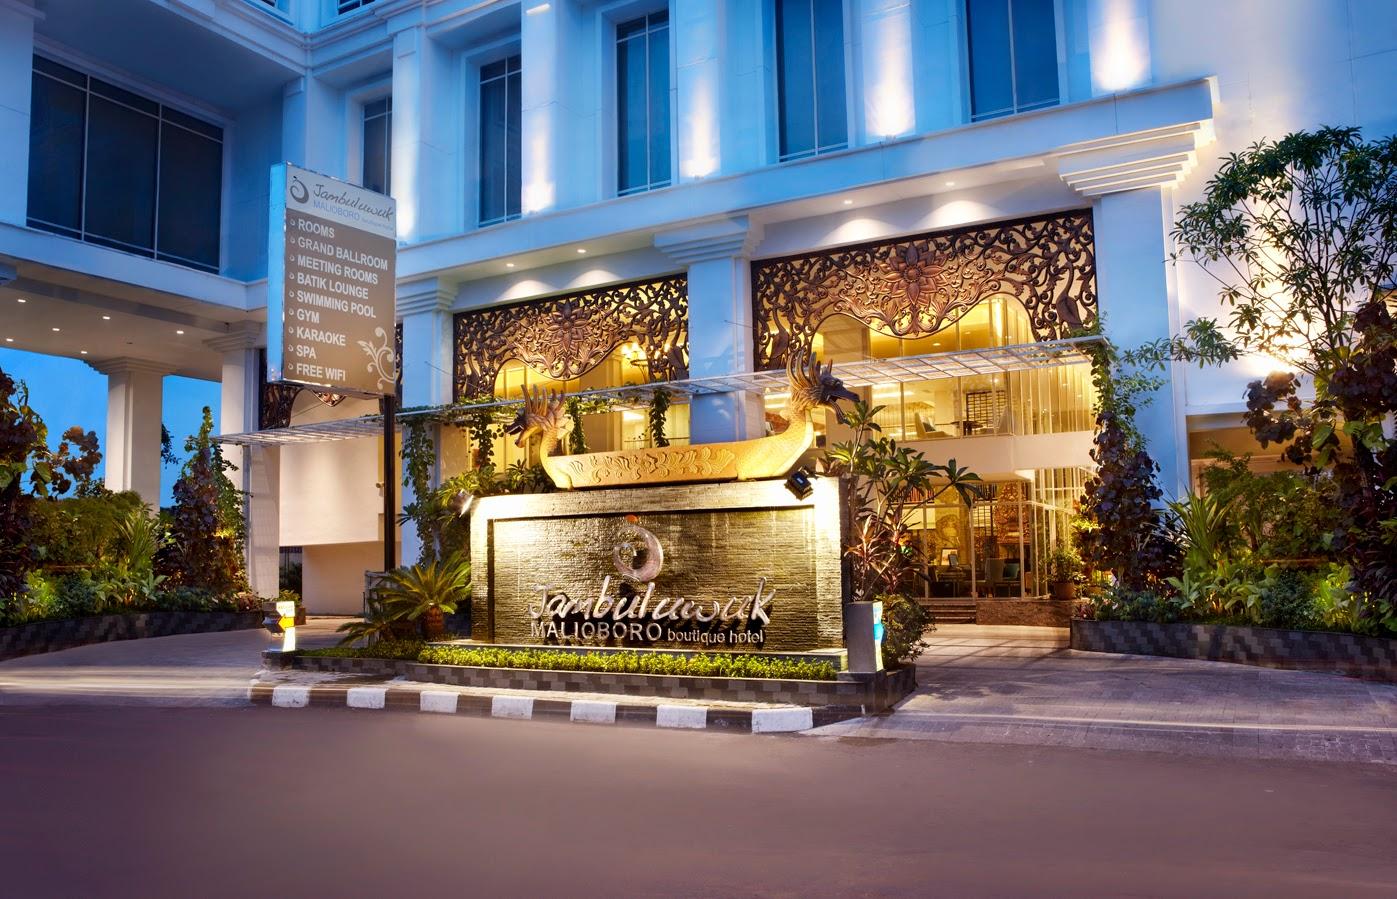 Daftar Alamat Hotel Penginapan Murah Di Jogja Atau Yogyakarta